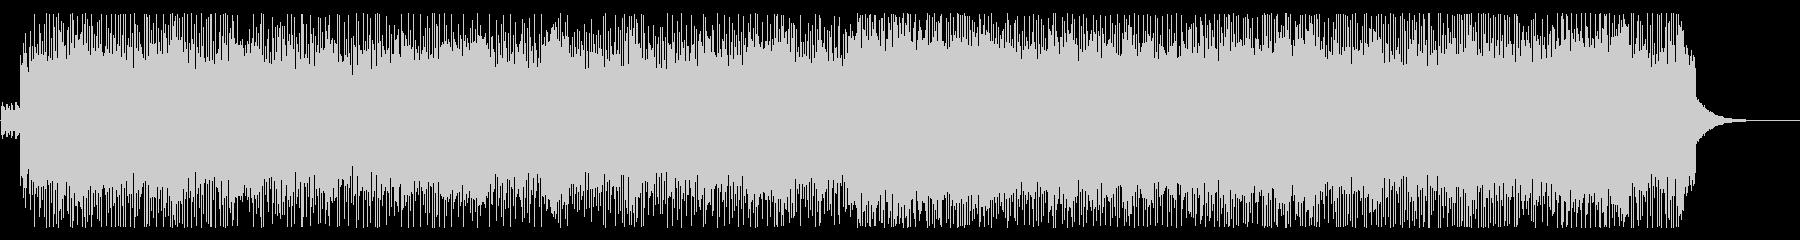 90年代懐かしバンド風ロック(メロ無し)の未再生の波形